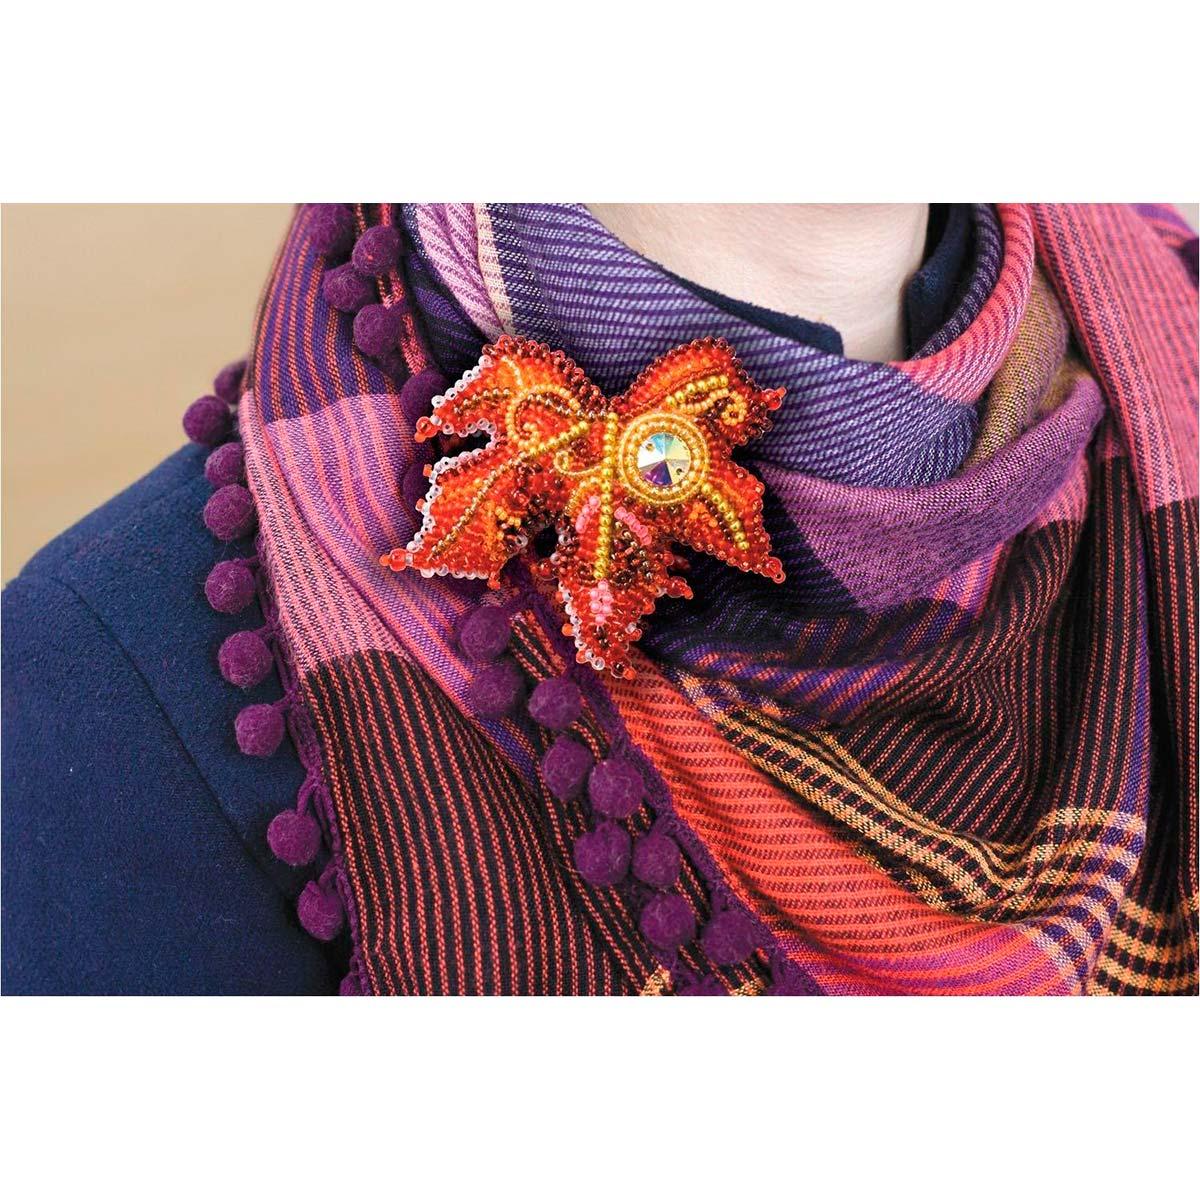 АД-018 Набор для вышивки бисером украшения на натур. художественном холсте 'Капелька солнца'6,8*6,3см